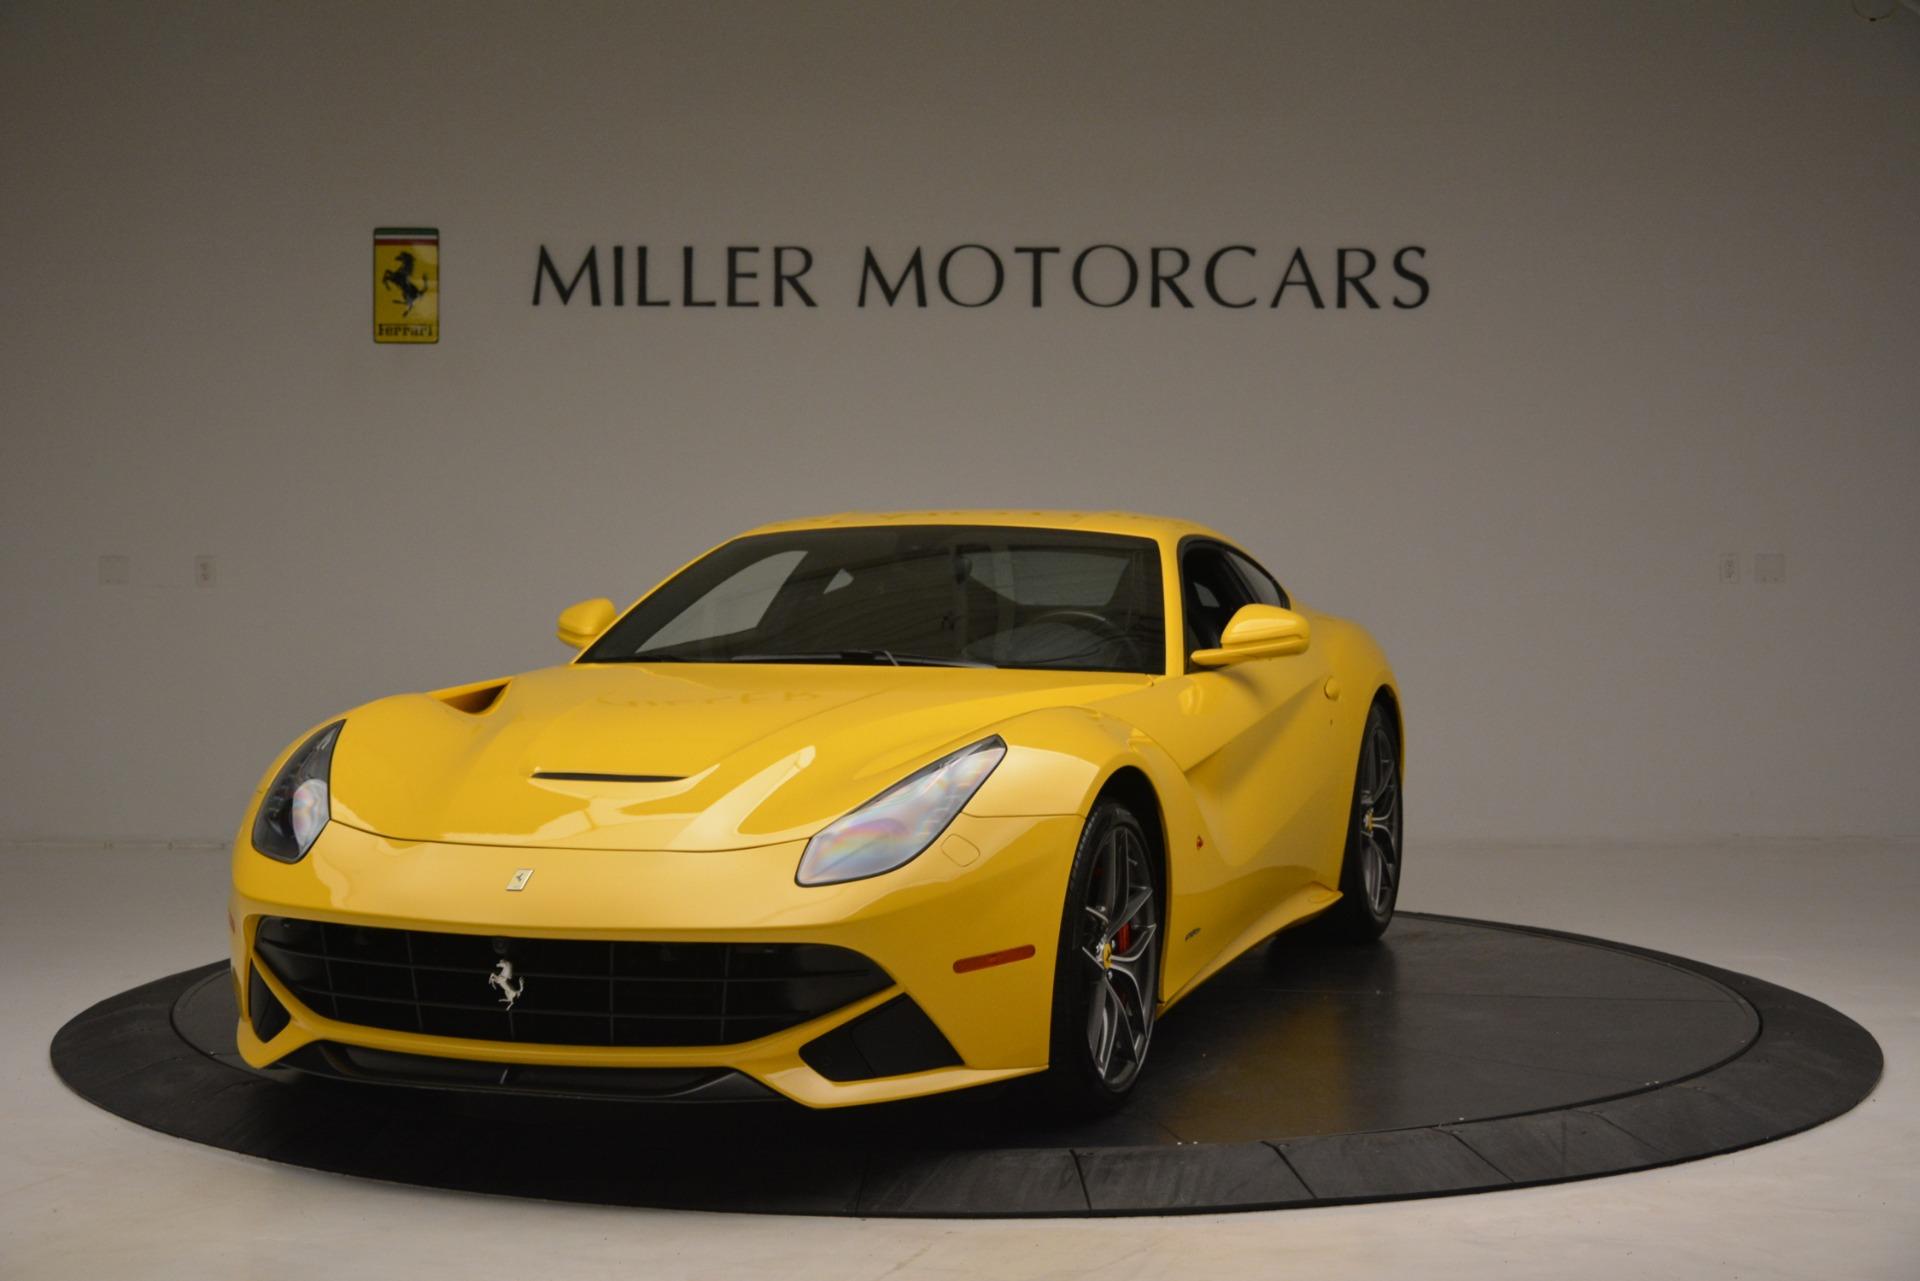 Used 2015 Ferrari F12 Berlinetta for sale $259,900 at Maserati of Greenwich in Greenwich CT 06830 1